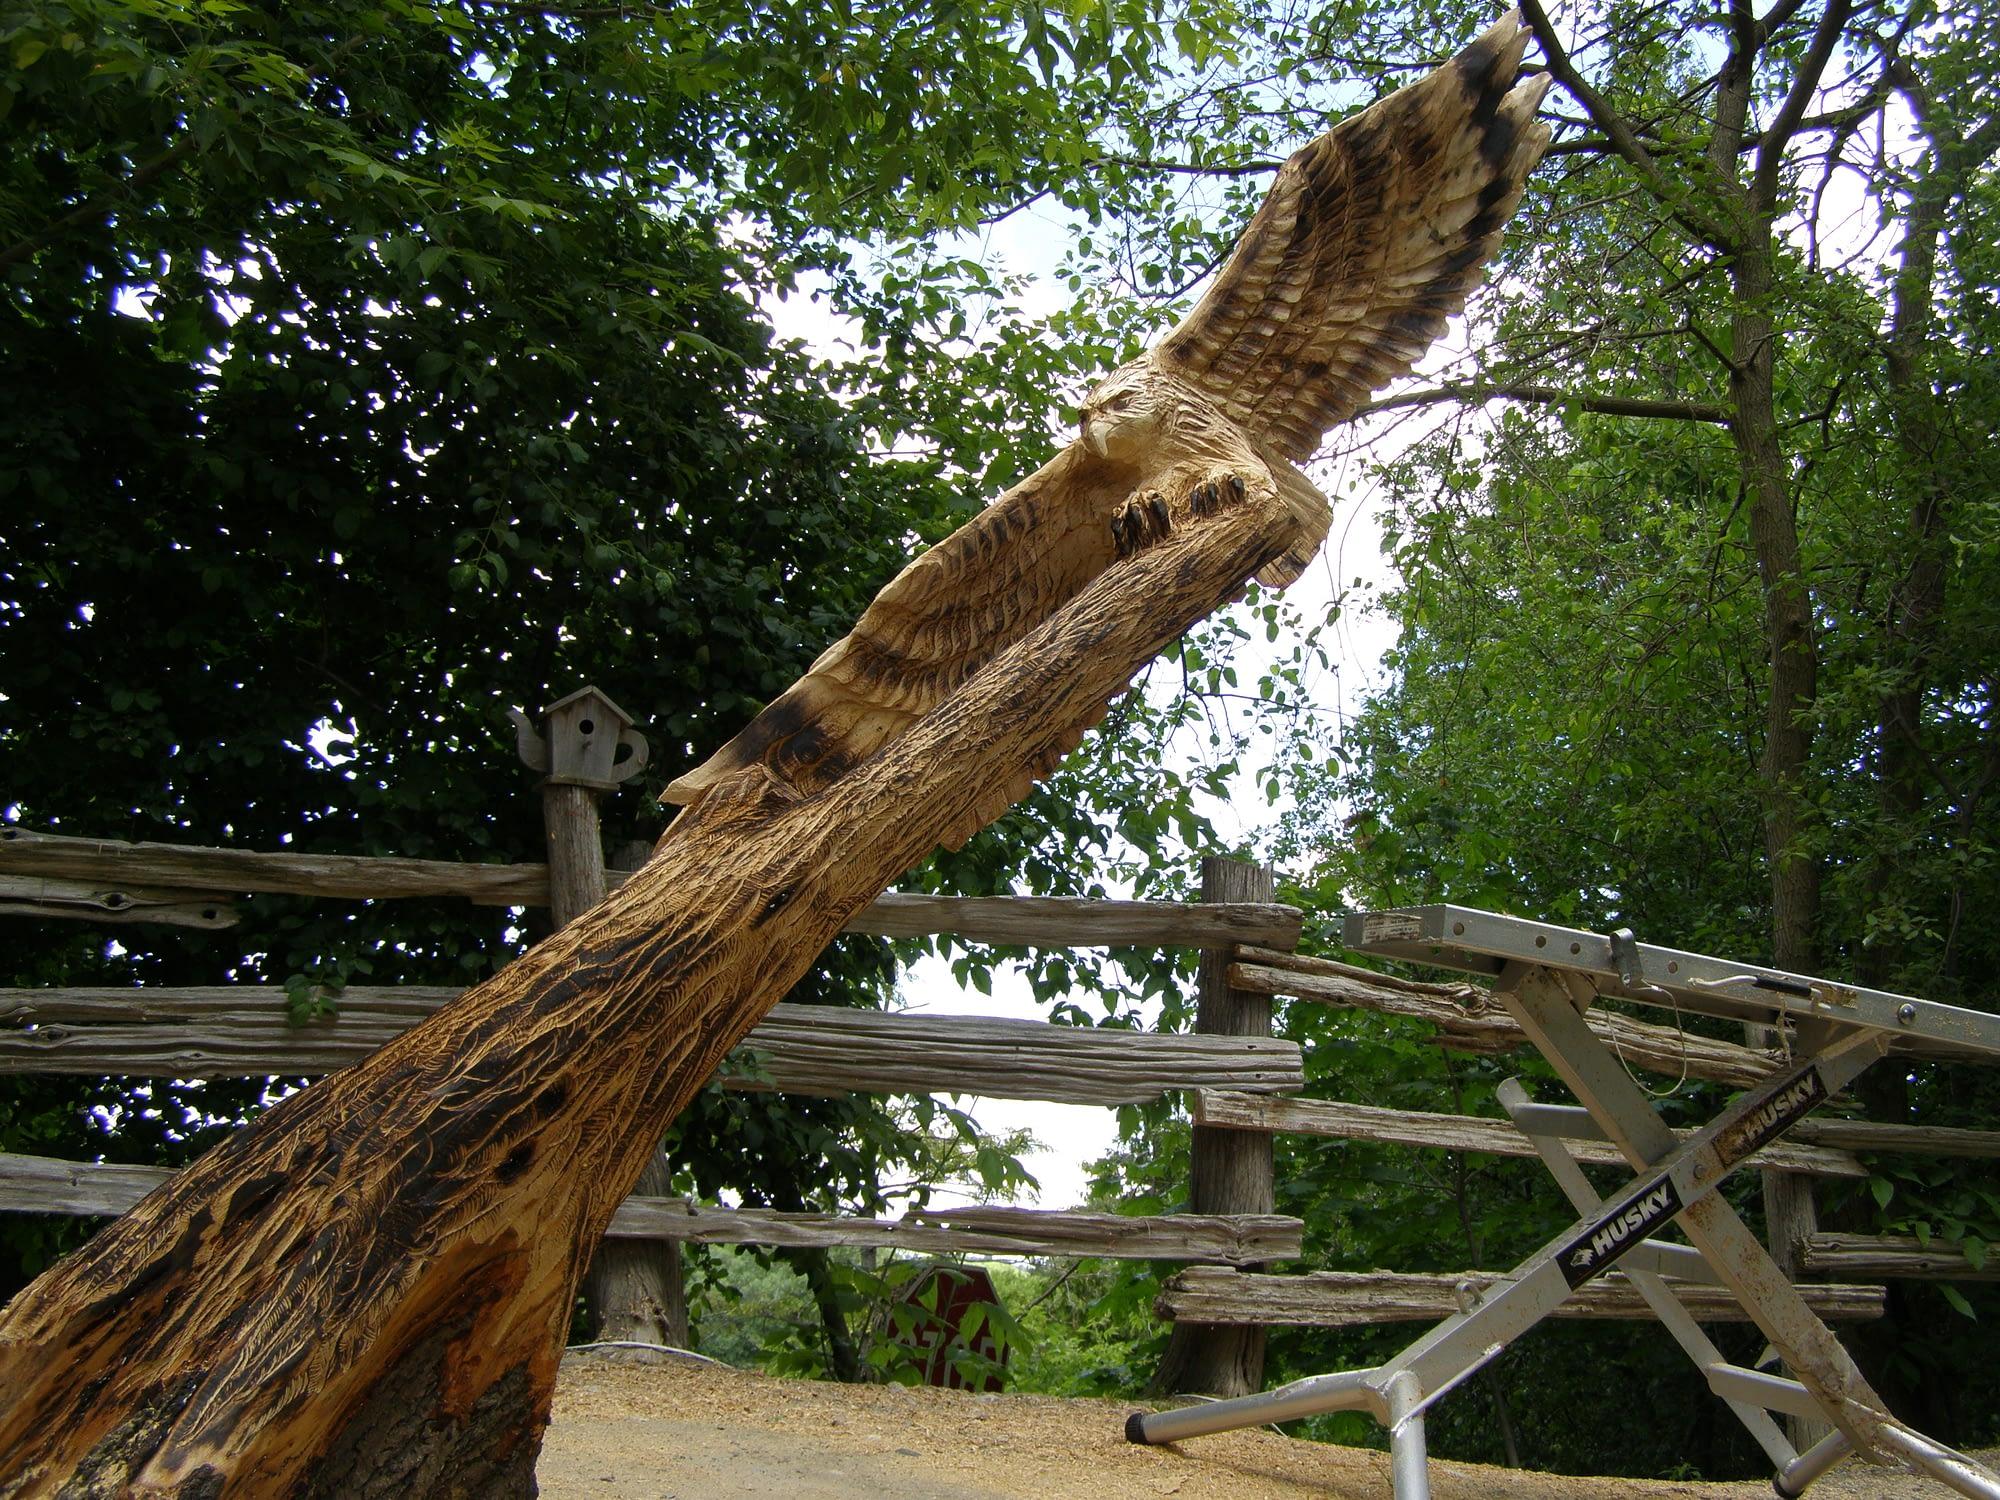 Wood, Hawk, Flying